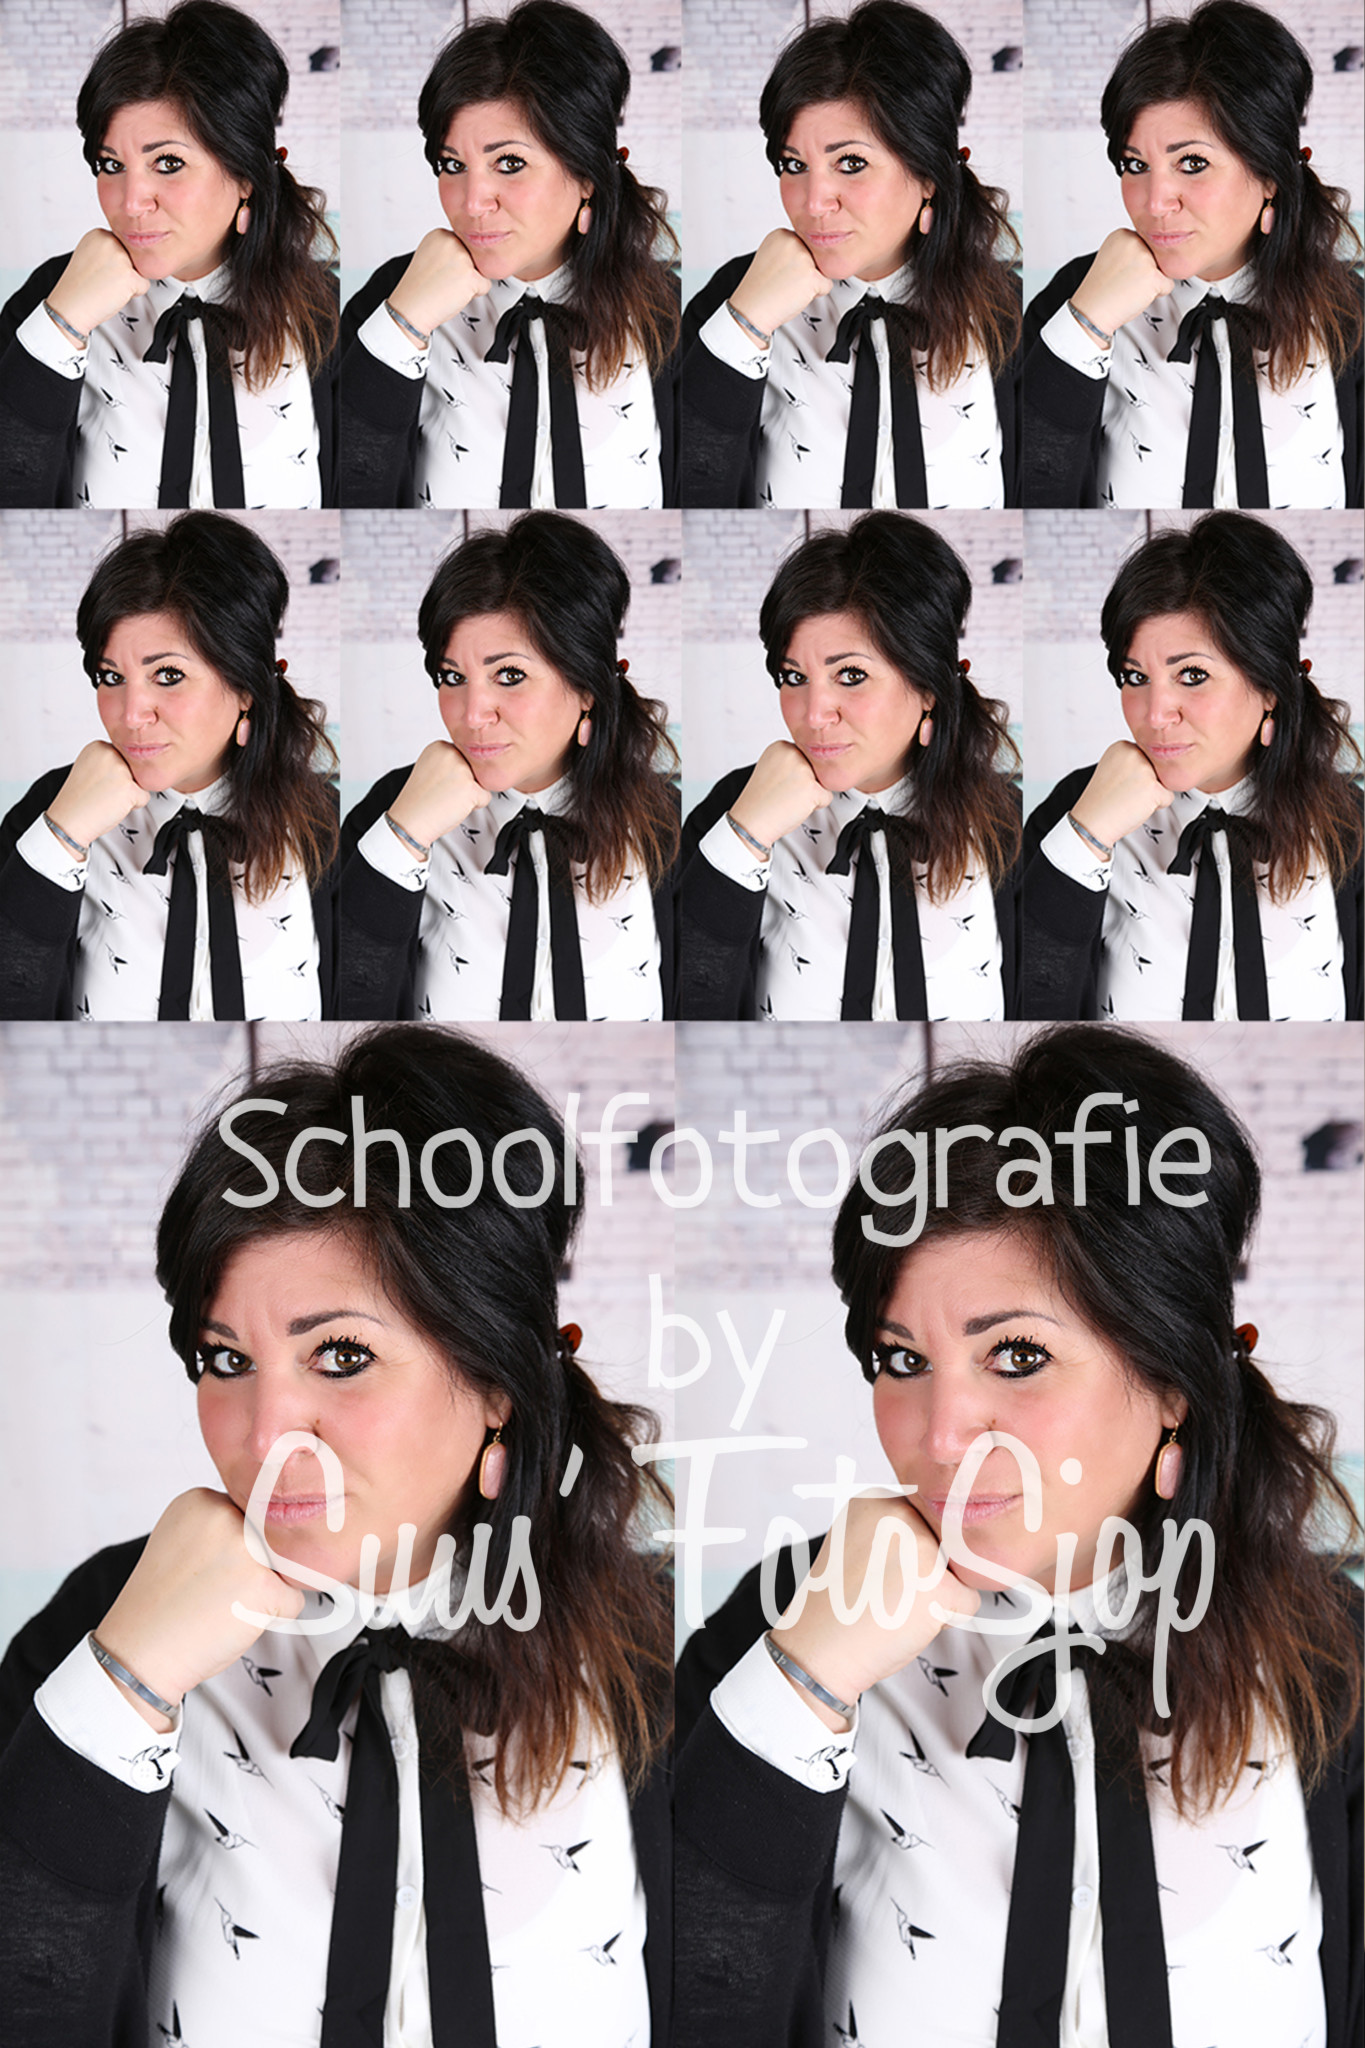 Schoolfotografie-Suus' FotoSjop - Oldenzaal - Denekamp - De Lutte - Twente - School - Oldenzaal - Losser - Hengelo - Enschede